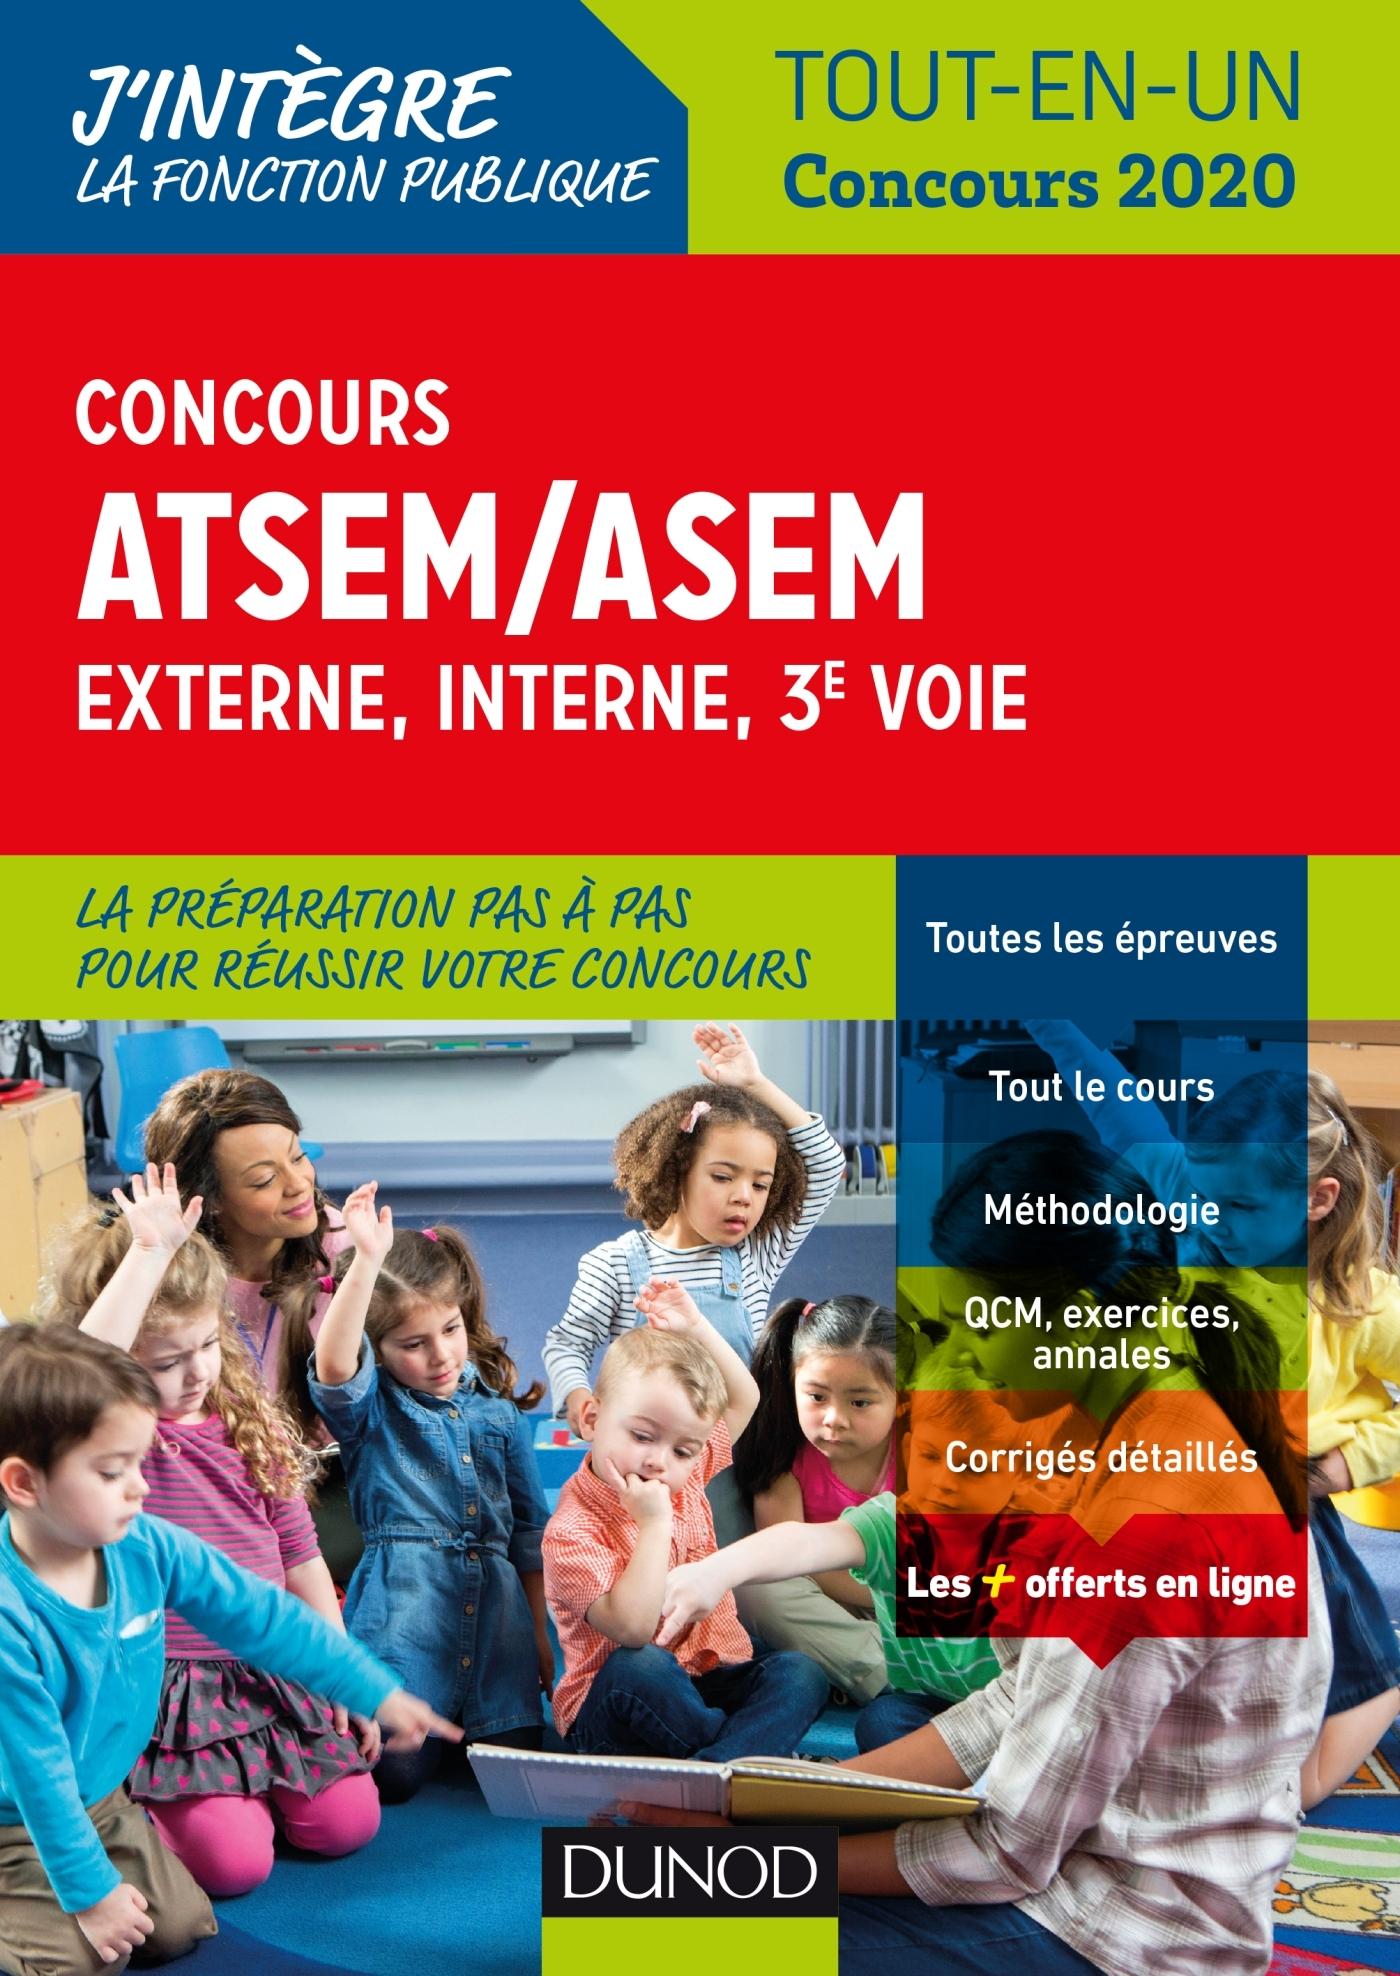 CONCOURS ATSEM/ASEM - EXTERNE, INTERNE, 3E VOIE - TOUT-EN-UN - CONCOURS 2020 - FONCTION PUBLIQUE TER